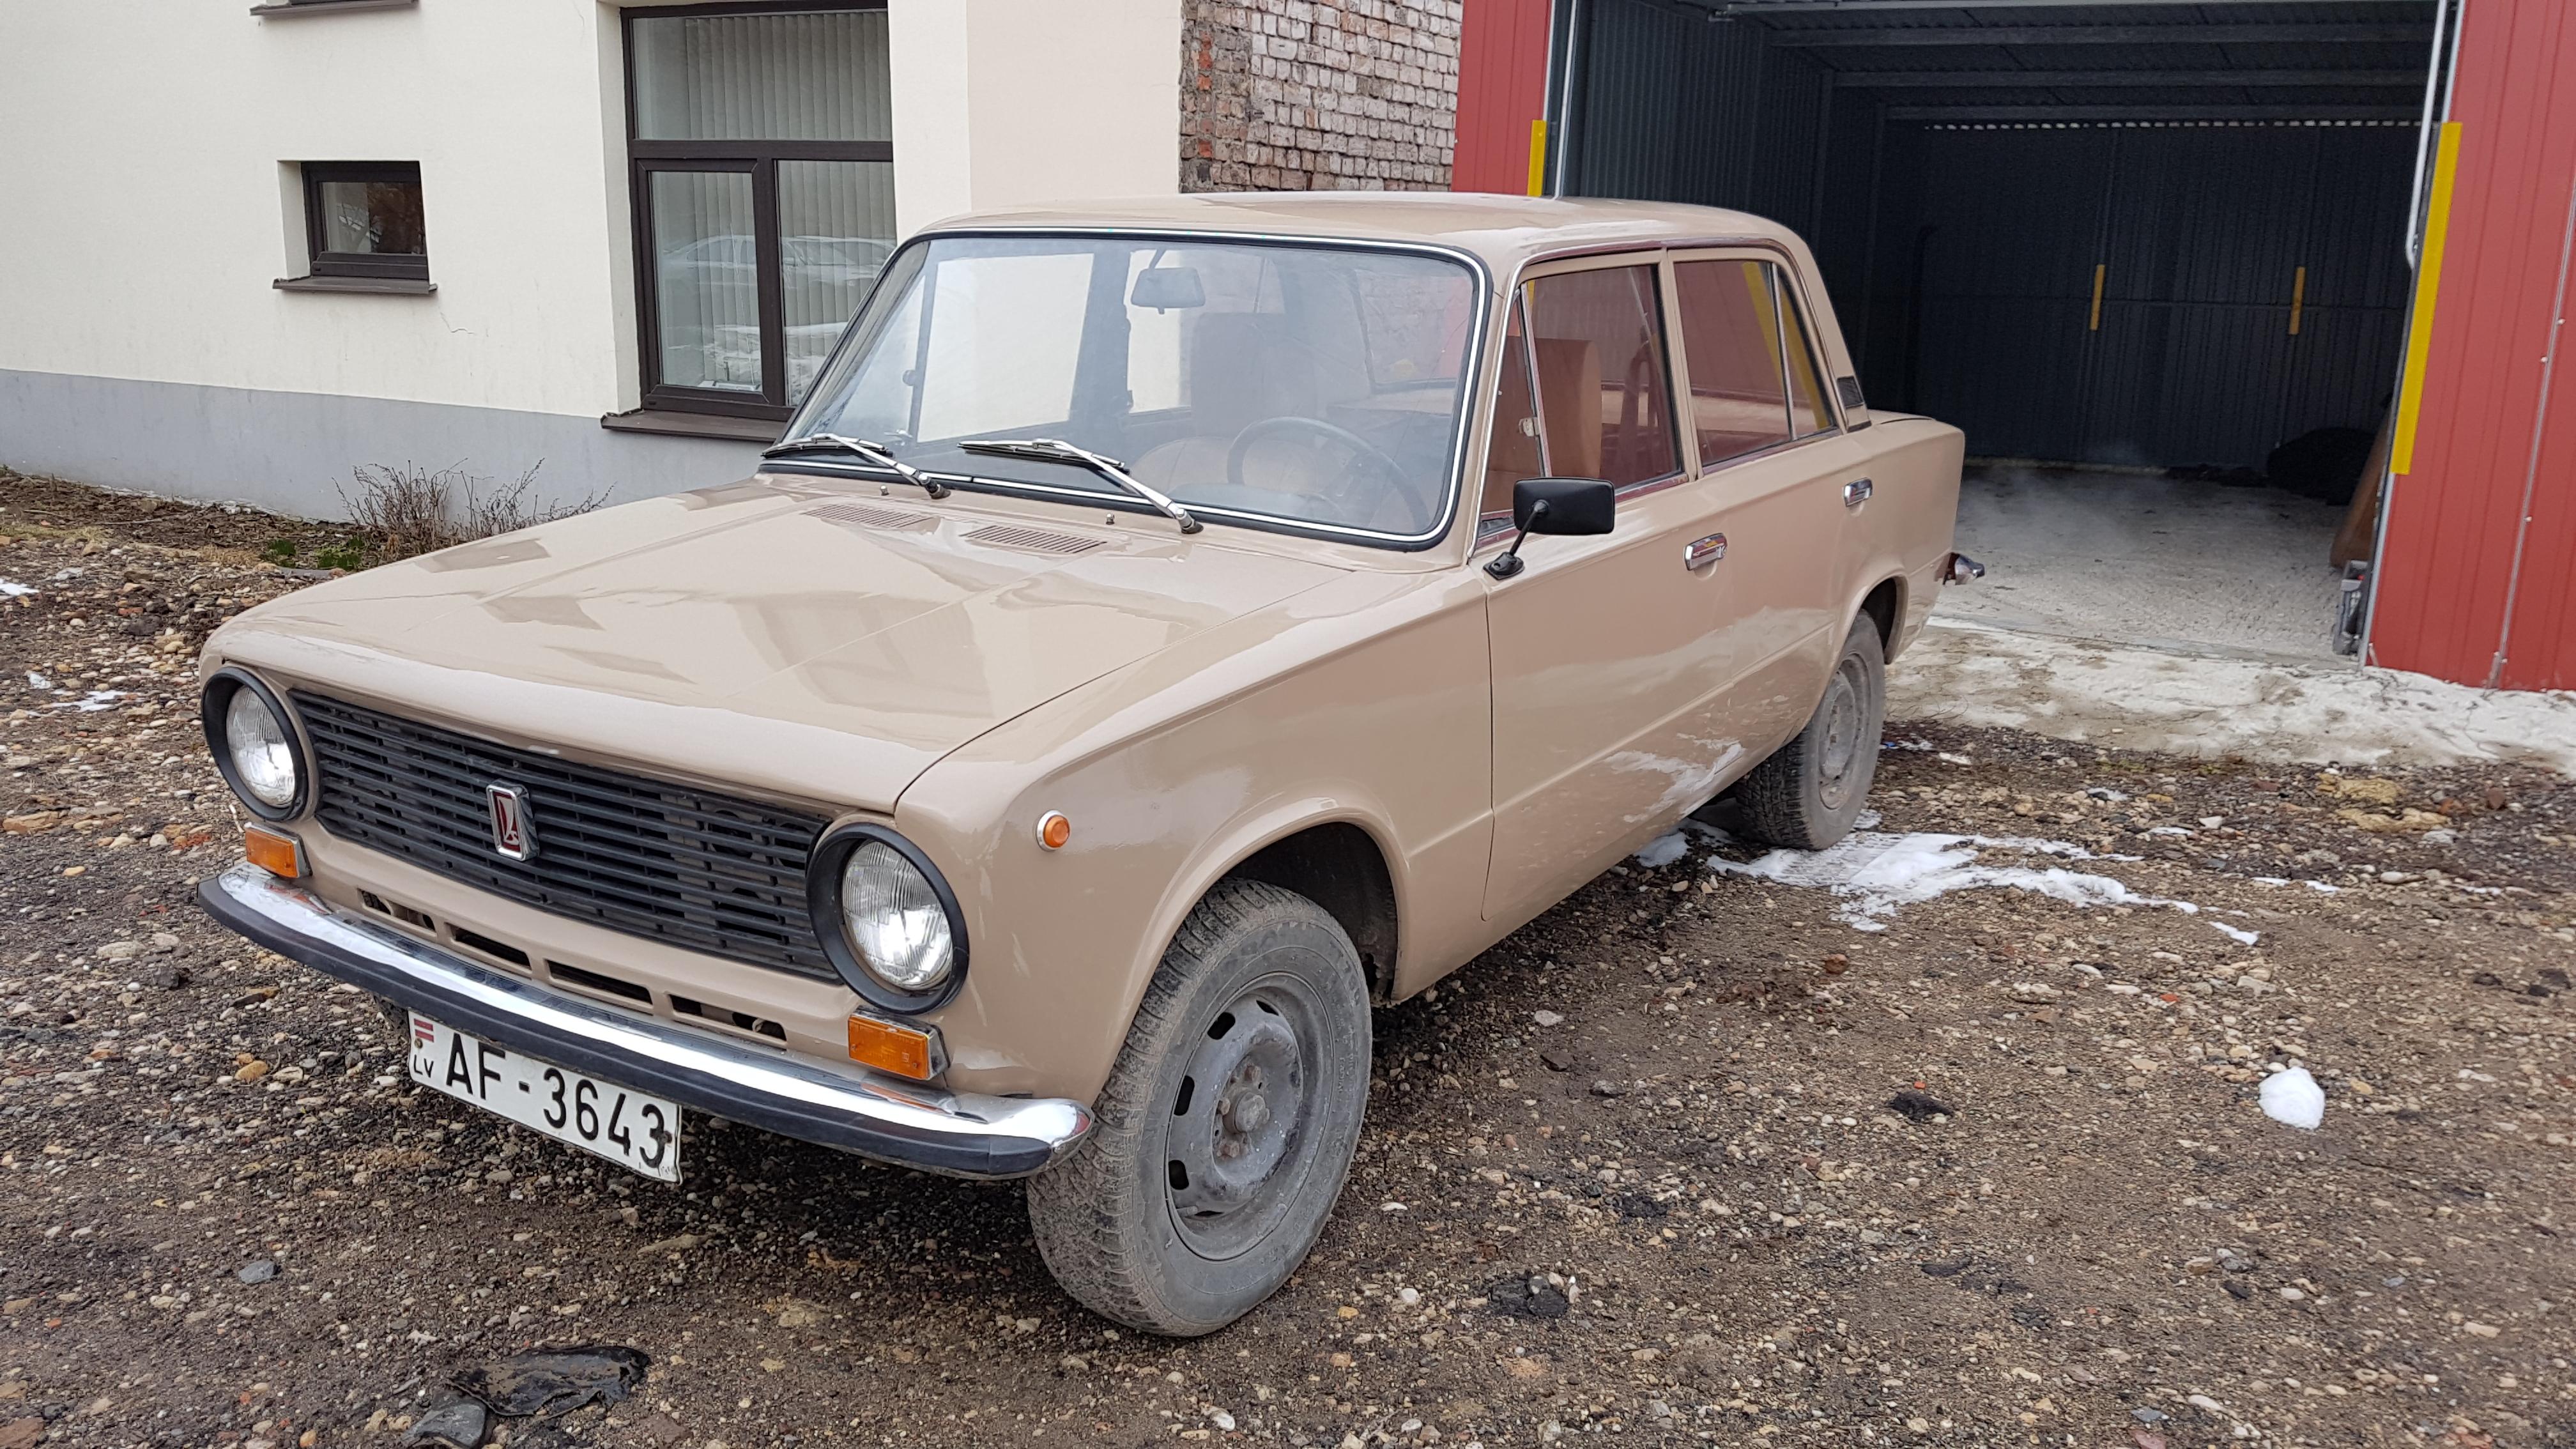 lada 1200, Vaz 2101 depuis la Lettonie!! - Page 2 22305420170311154552